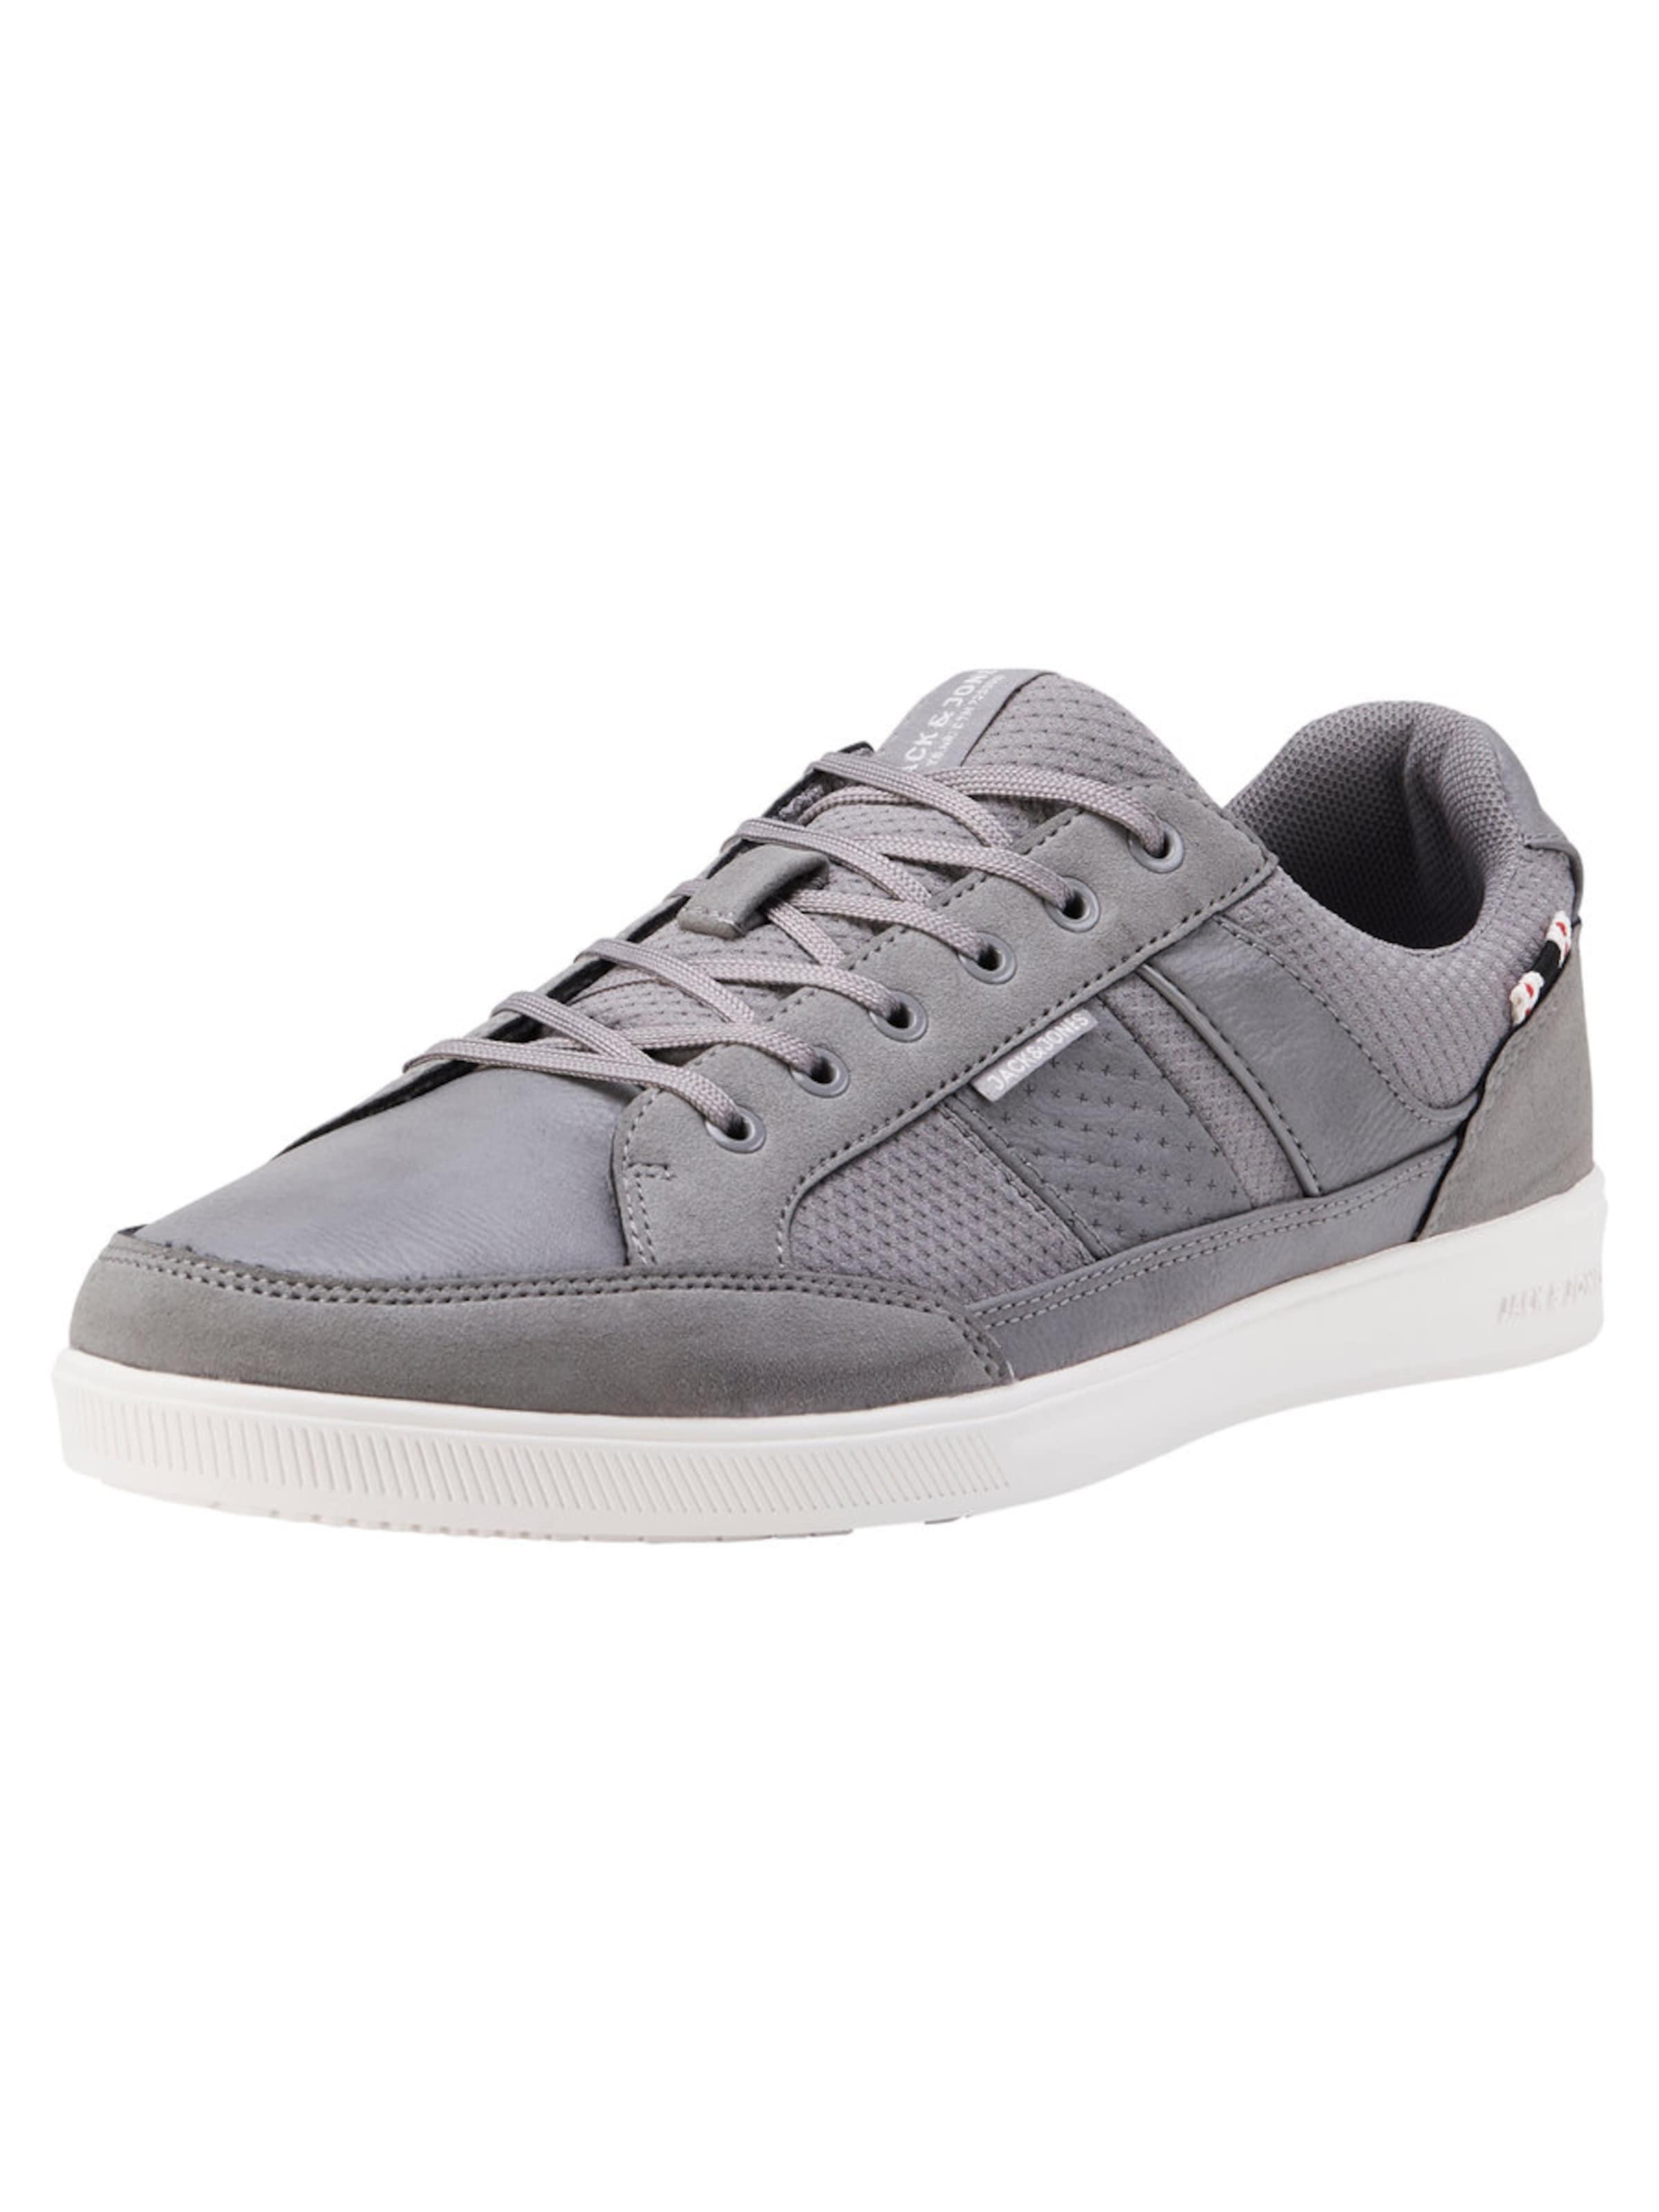 JACK & JONES Lässige Sneaker Hohe Qualität